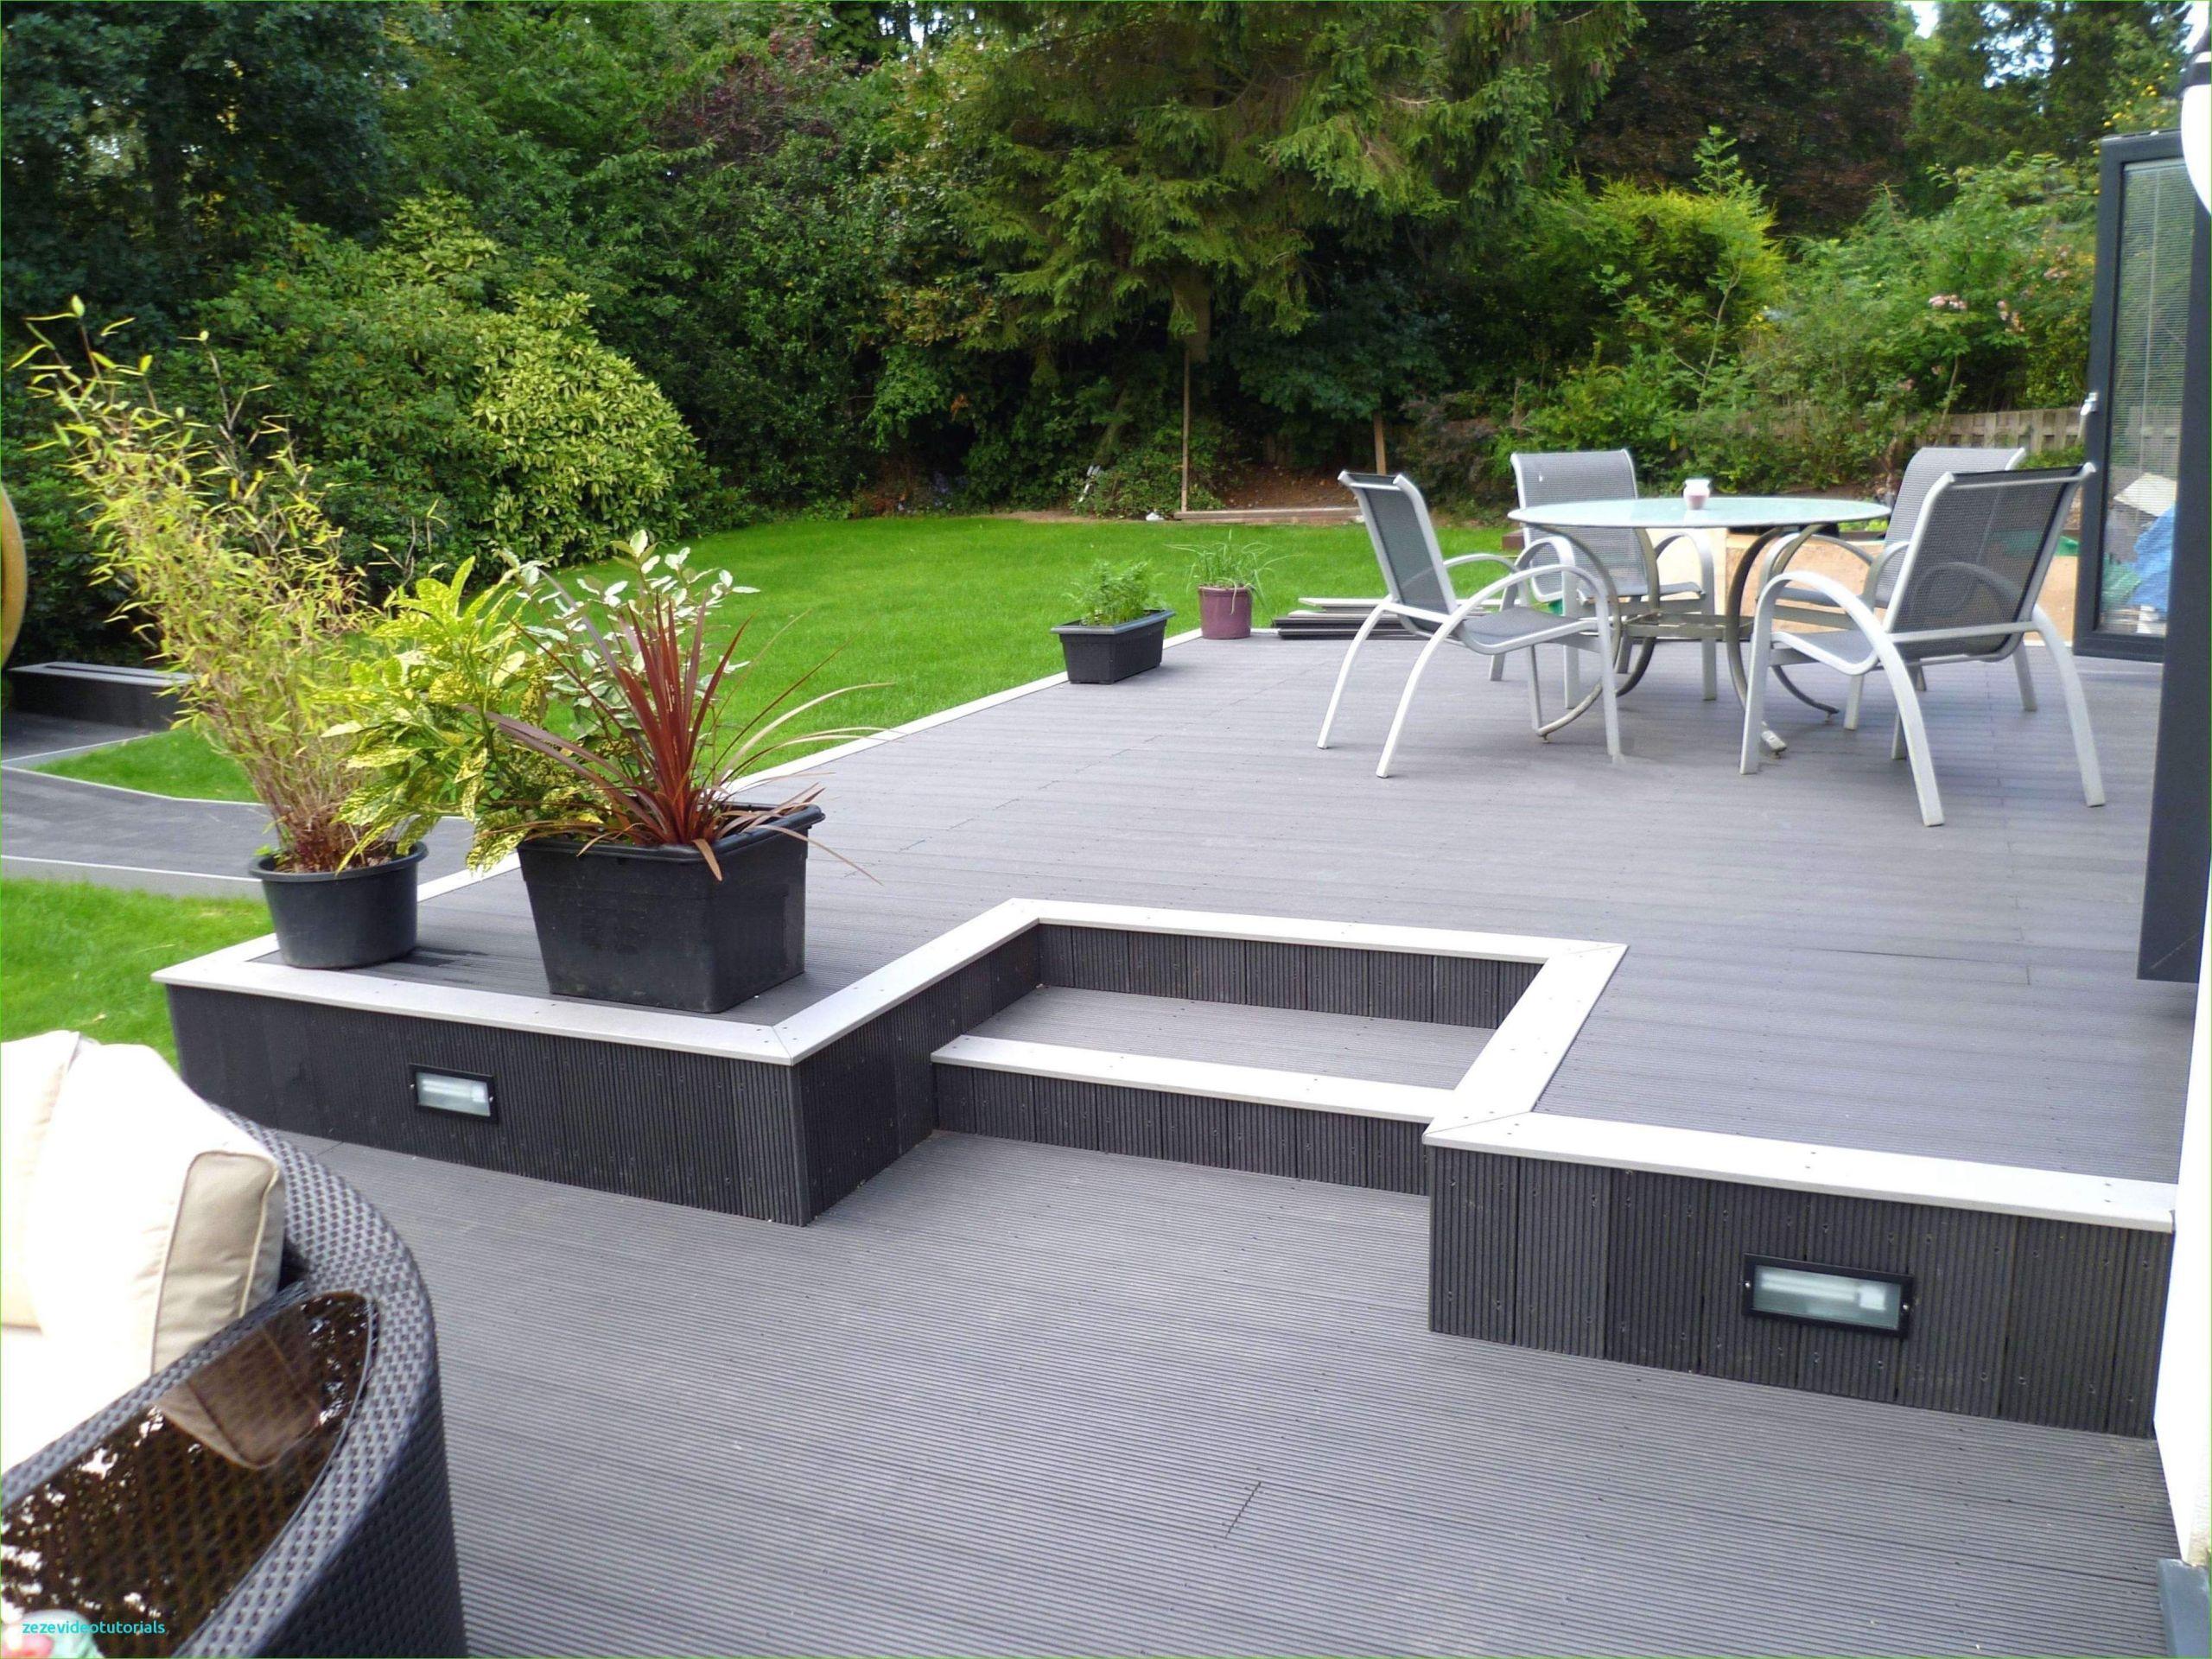 42 luxus groser vorgarten gestalten pic design von ideen fur kleine kleiner reihenhausgarten gestalten kleiner reihenhausgarten gestalten